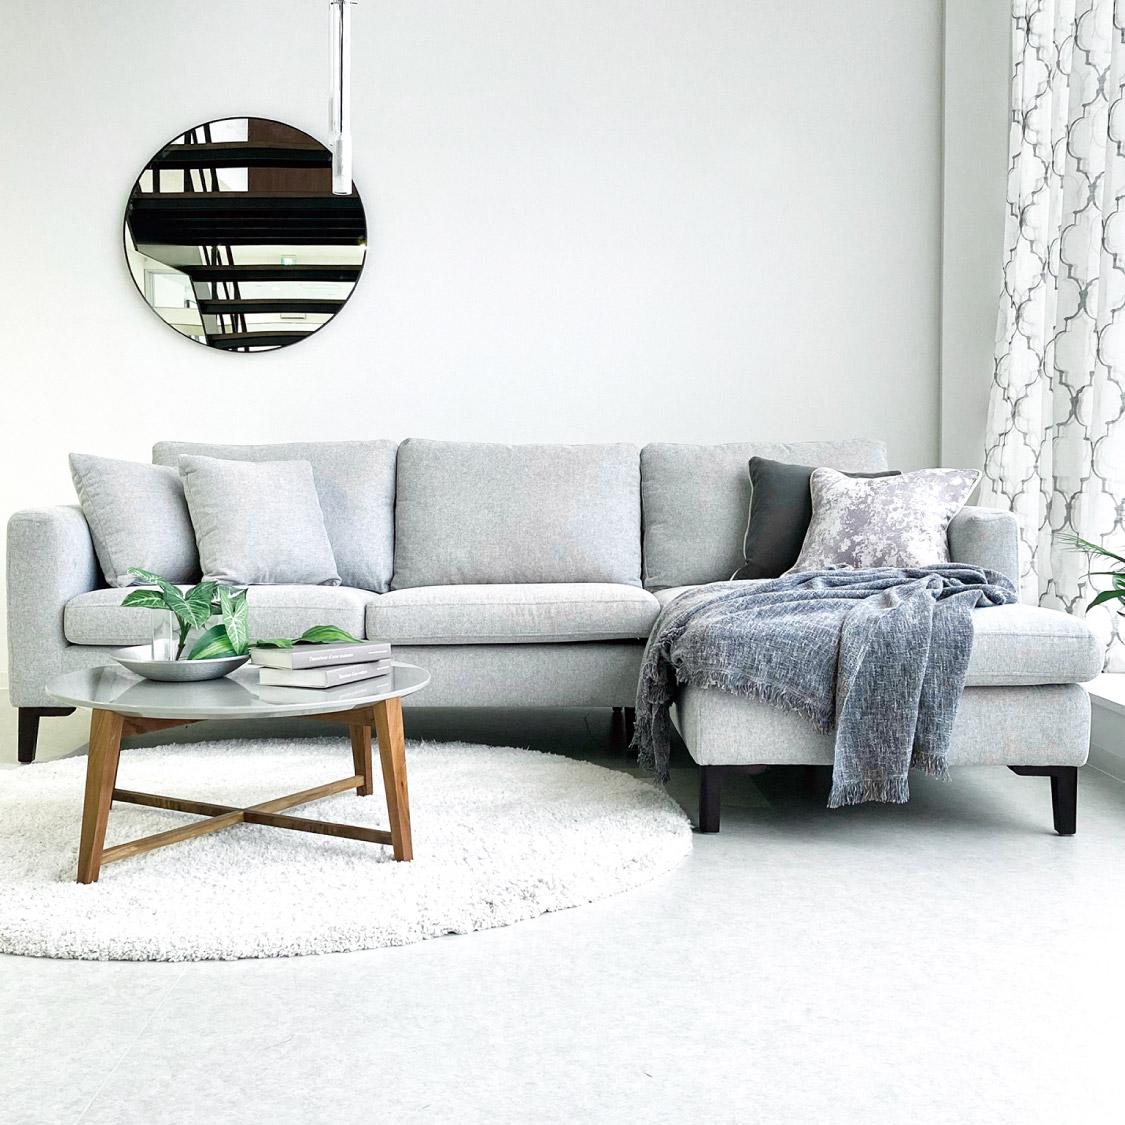 sofa08